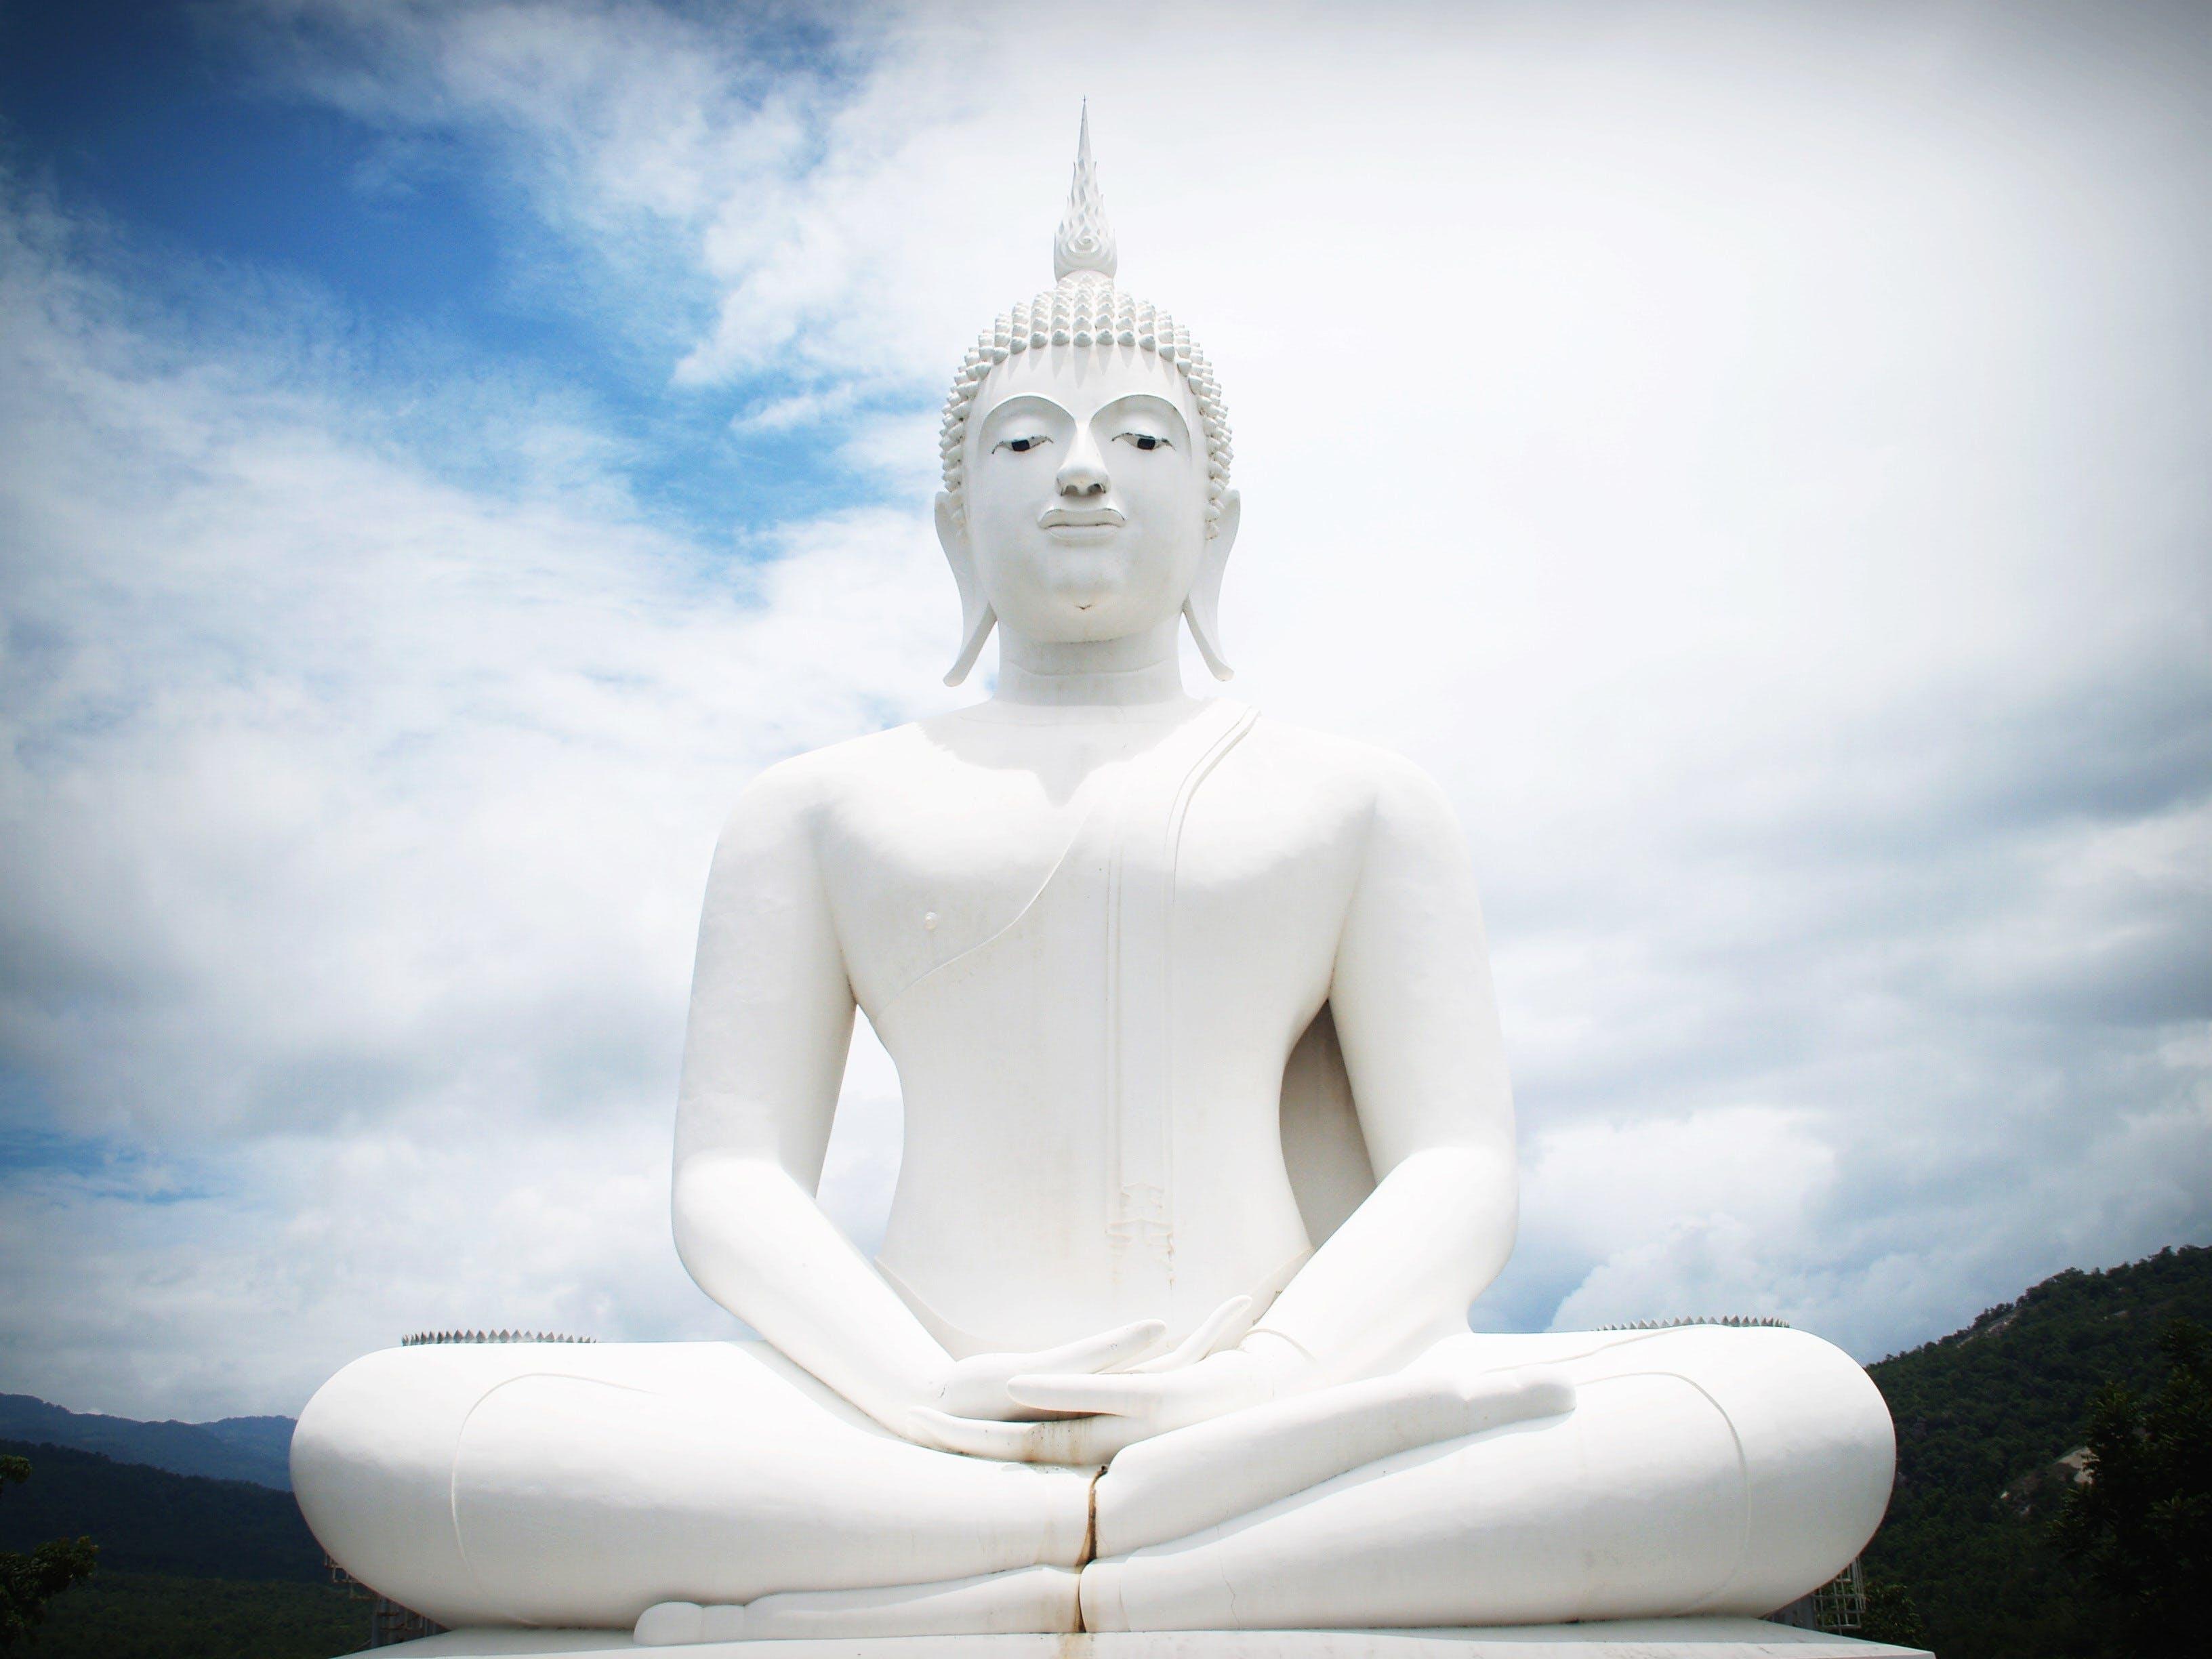 White Concrete Buddha Statue